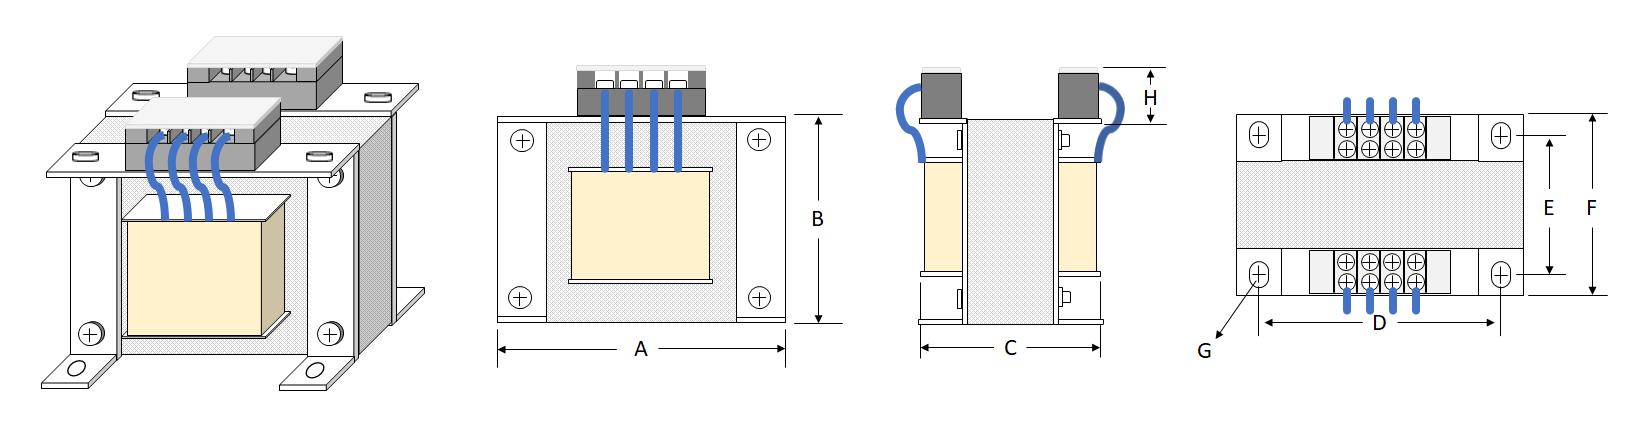 Transformer-Terminal Block - Japanese Type (L Shaped Bracket)